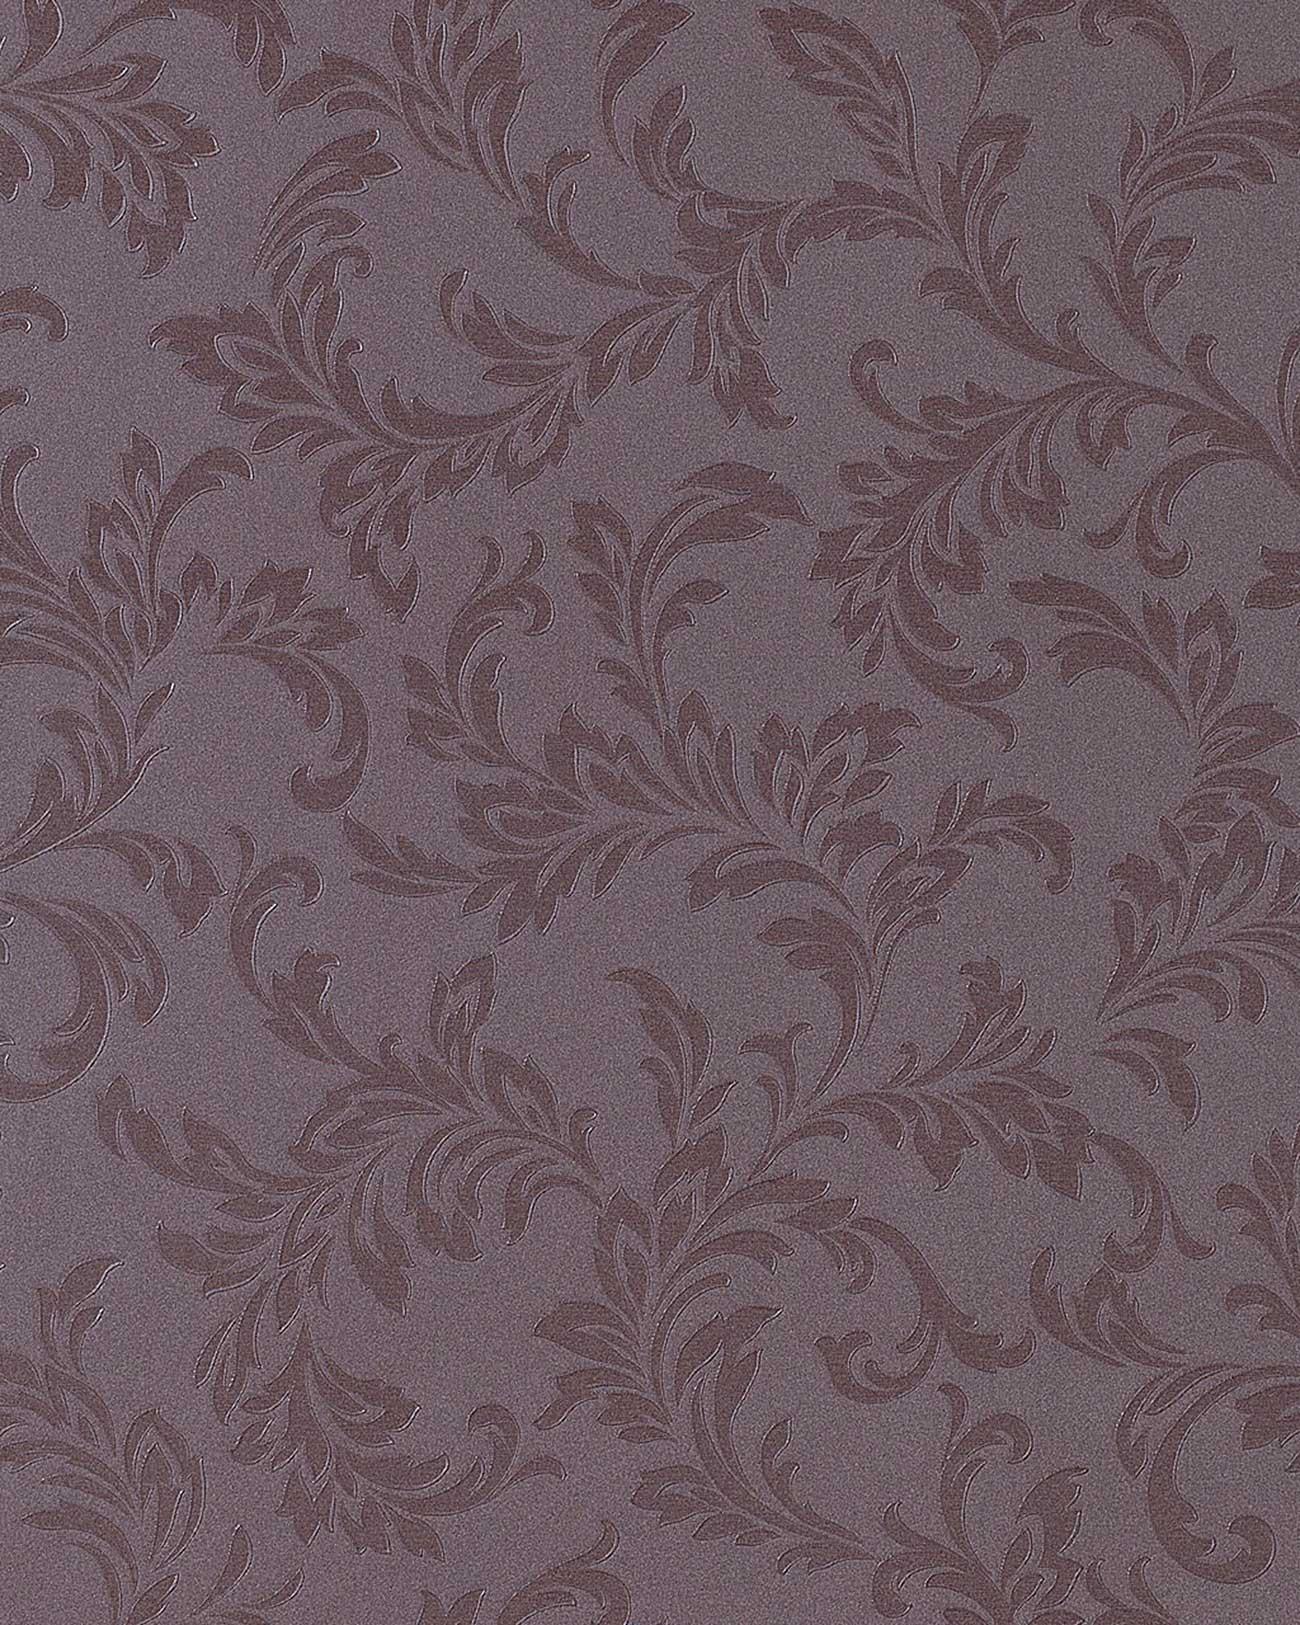 edem 762 26 tapete floral luxur s gepr gte ton in ton blumen taupe grau braun ebay. Black Bedroom Furniture Sets. Home Design Ideas